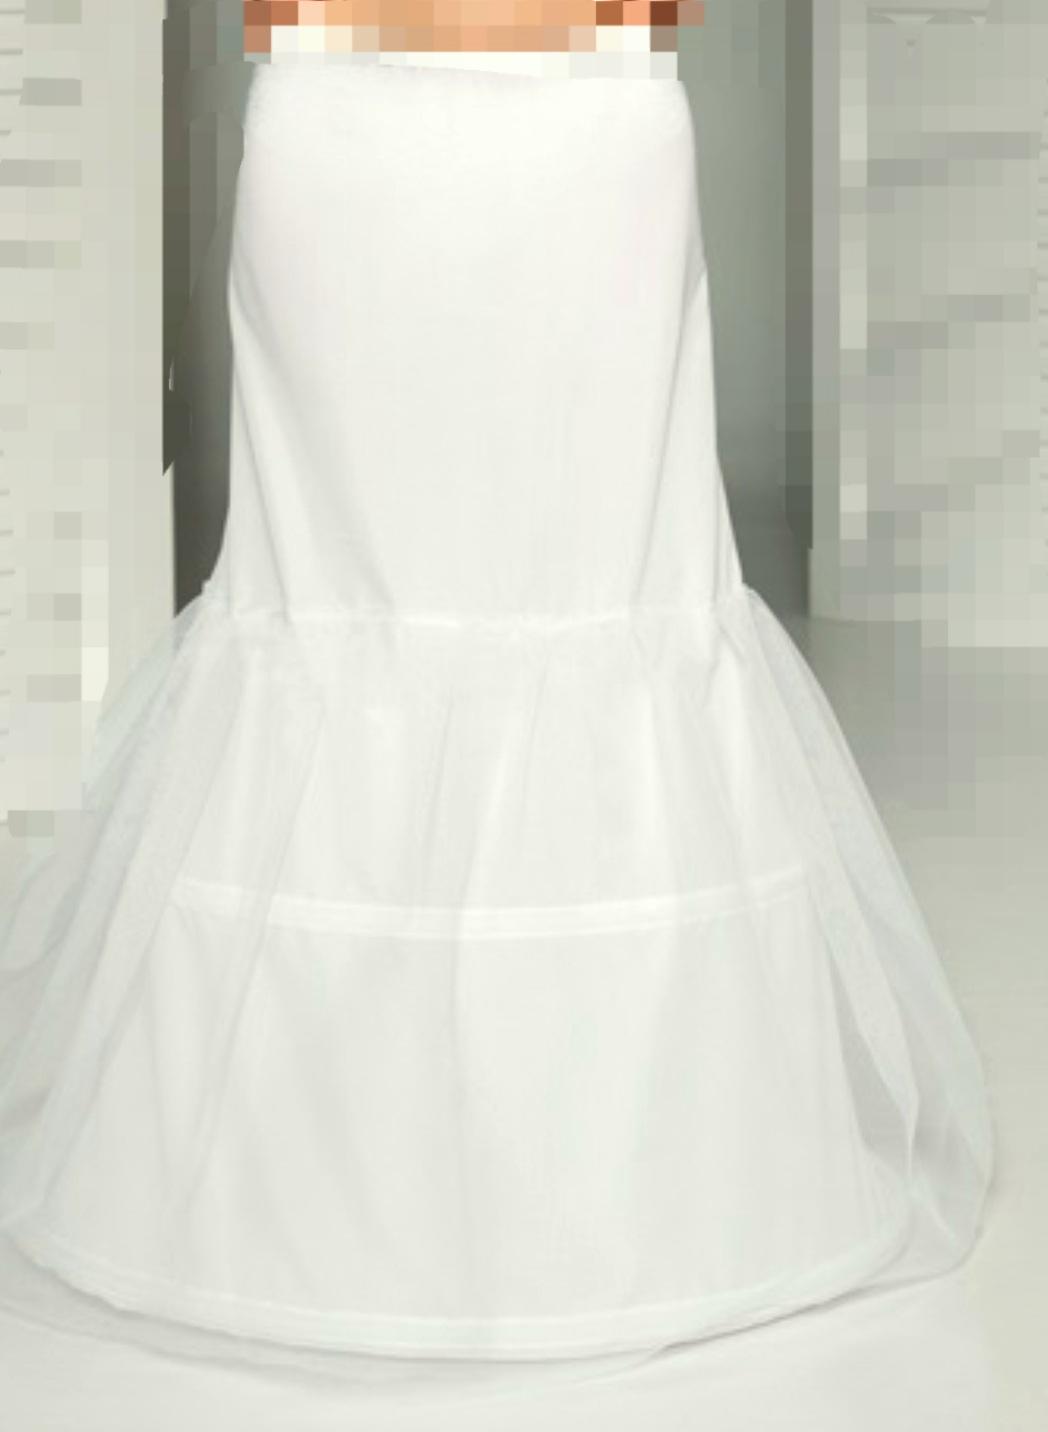 Svatební šaty Jesus Peiro model 913 ivory - Obrázek č. 4